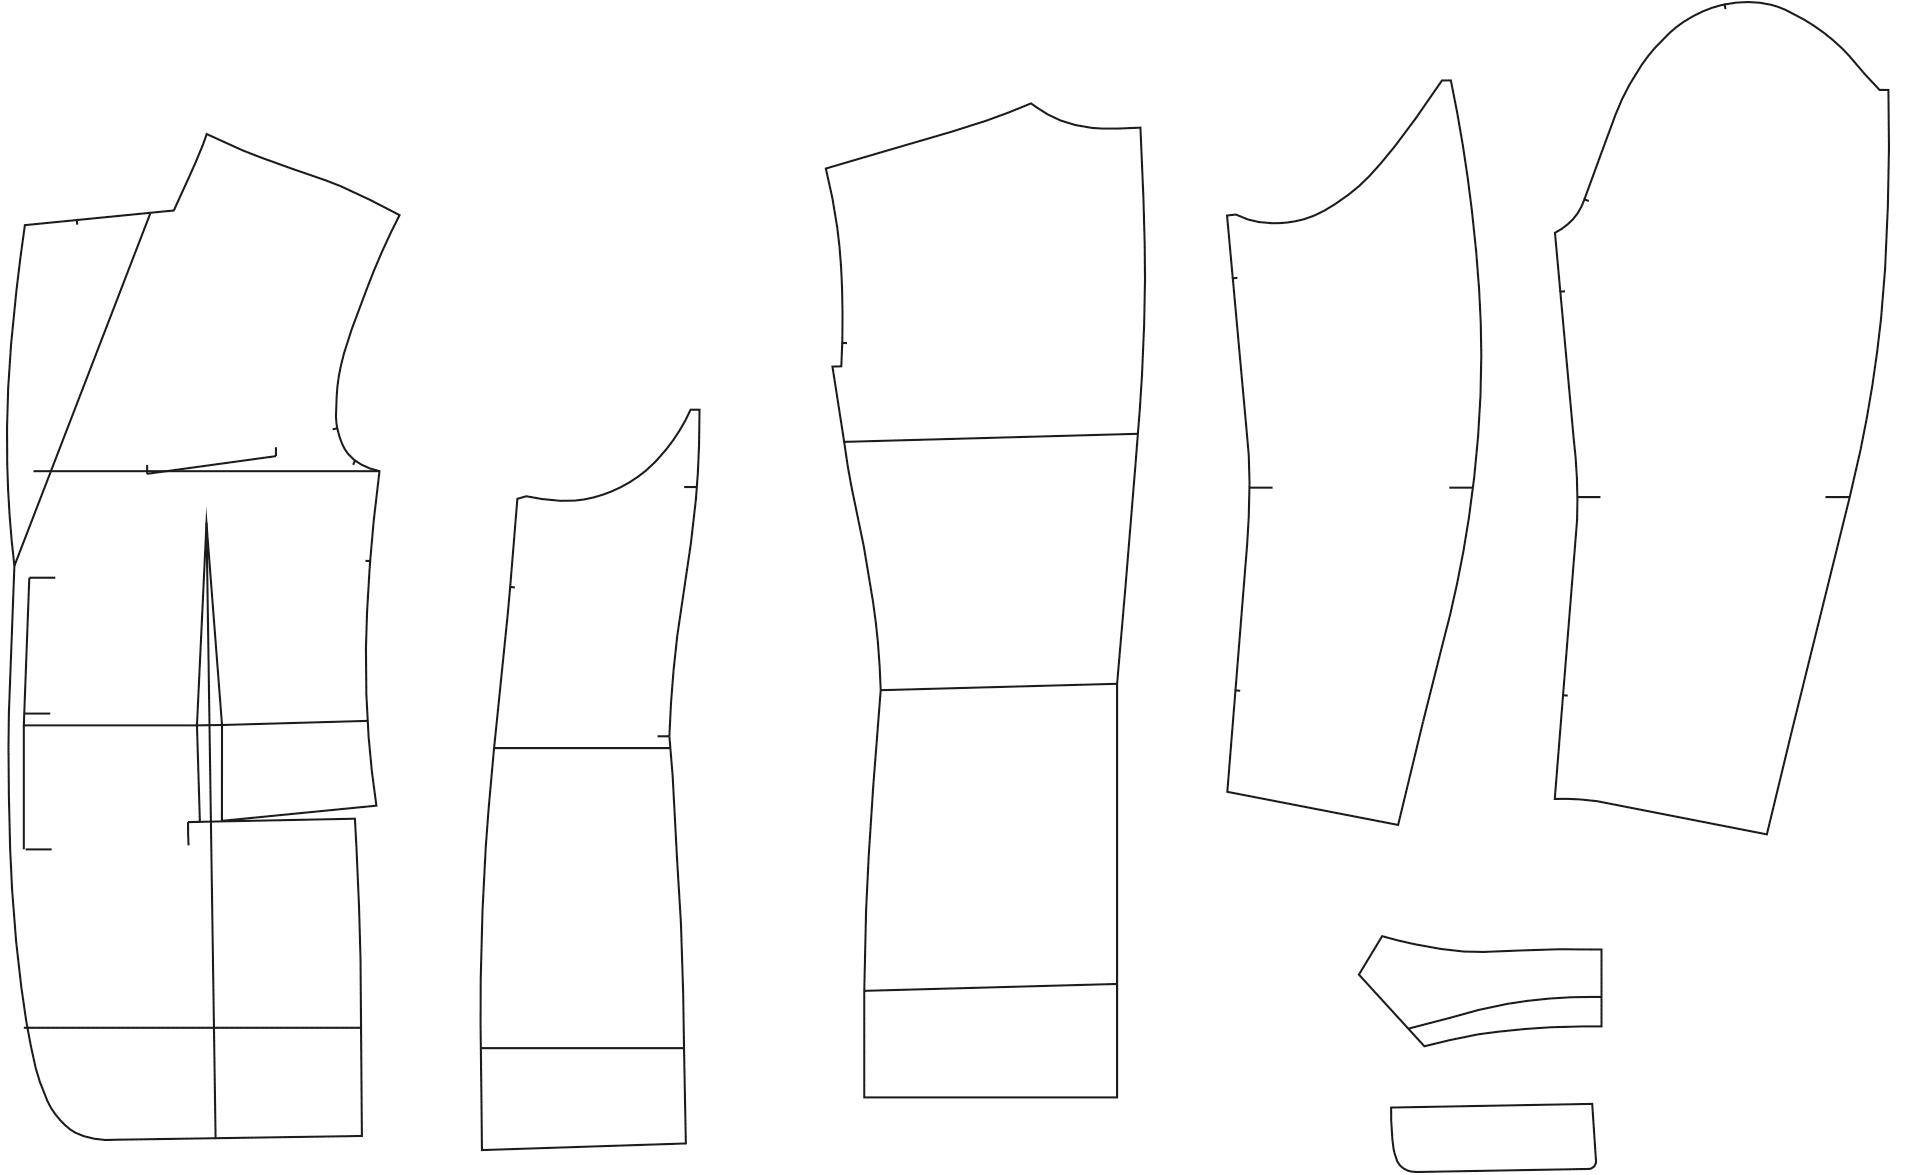 Abgebildet sind die fertigen Schnitttteile des Schnittmusterbogens für eines Sakkos.